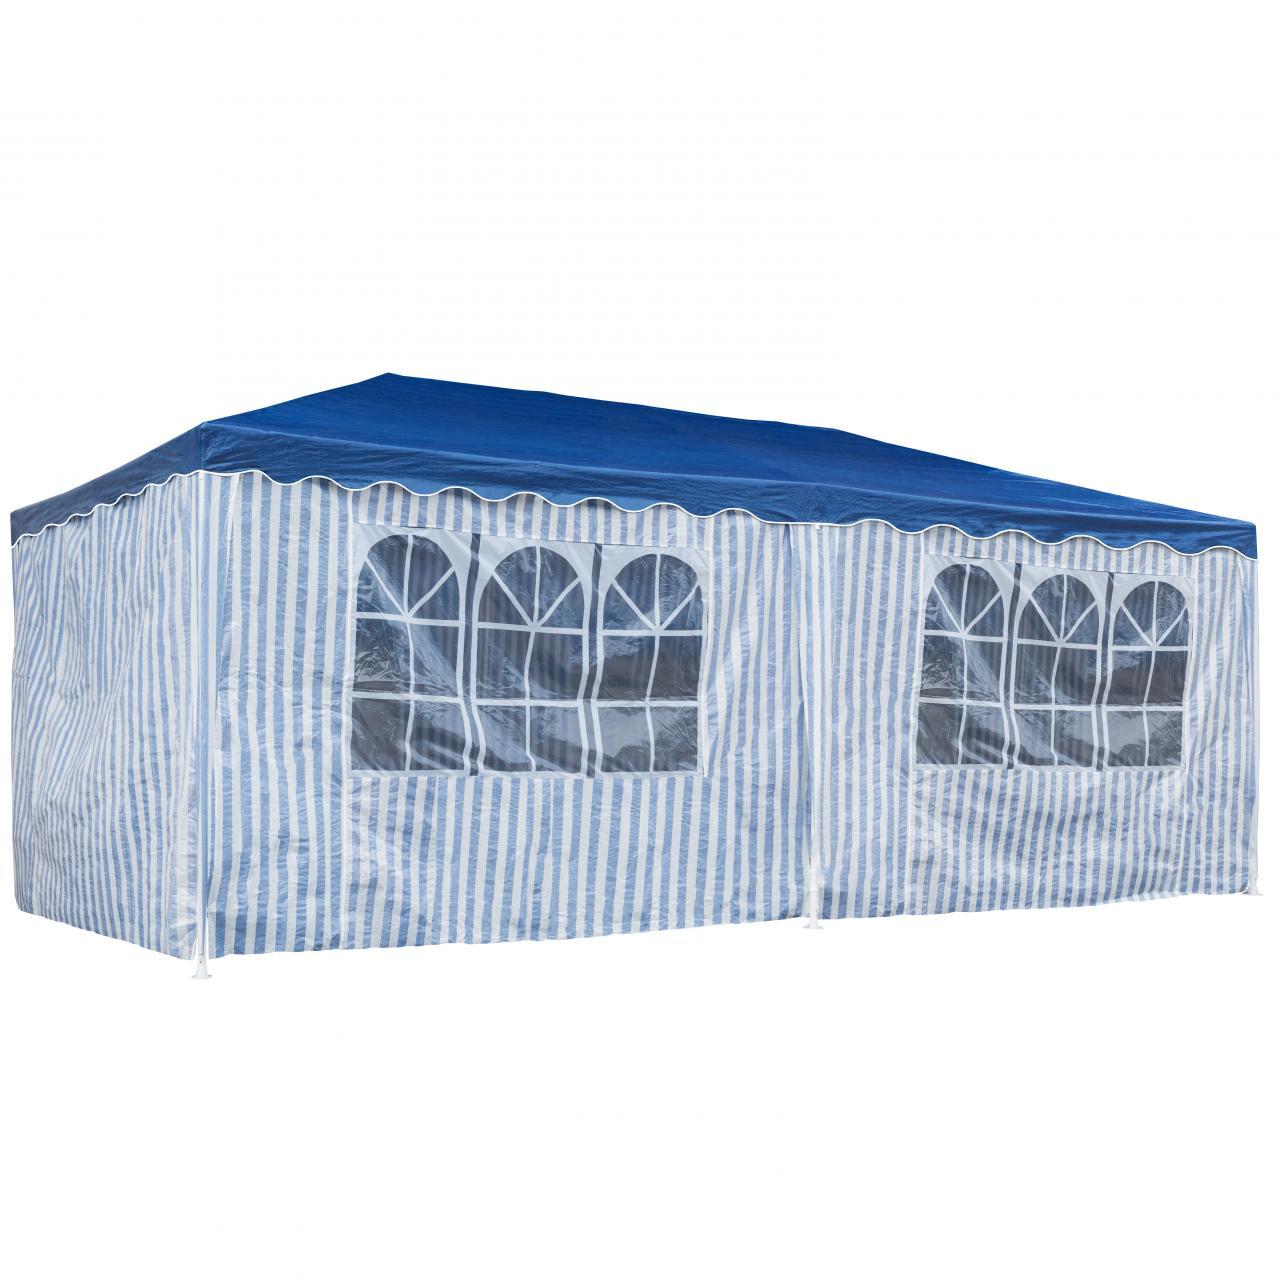 Partyzelt-Festzelt-3x6m-Gartenpavillon-Gartenzelt-Bierzelt-Zelt-Pavillon